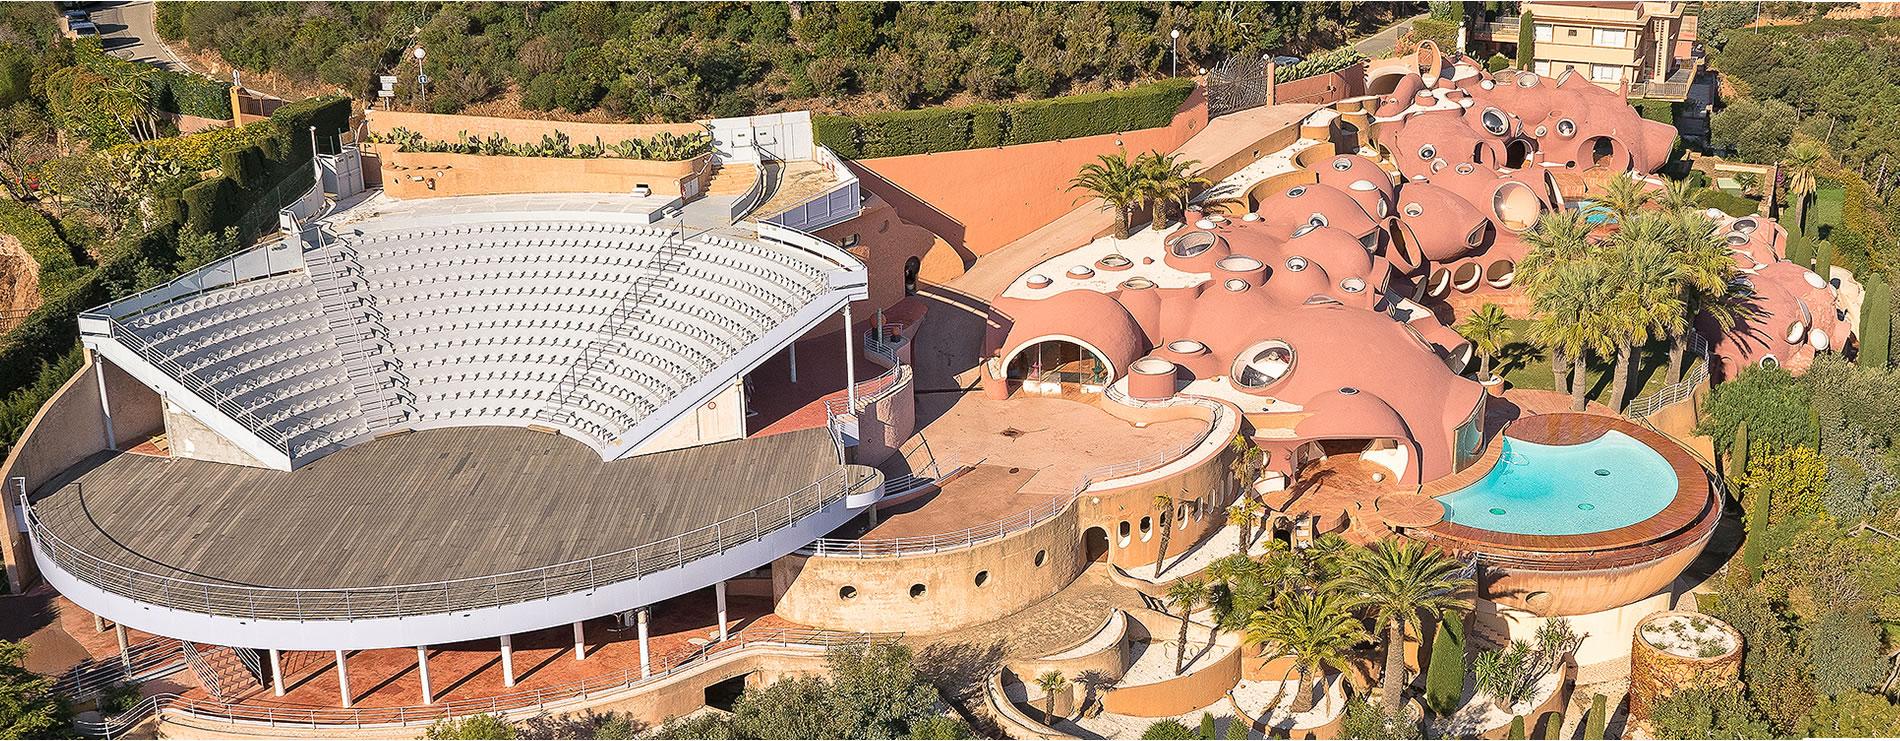 Vue aérienne du Palais Bulles